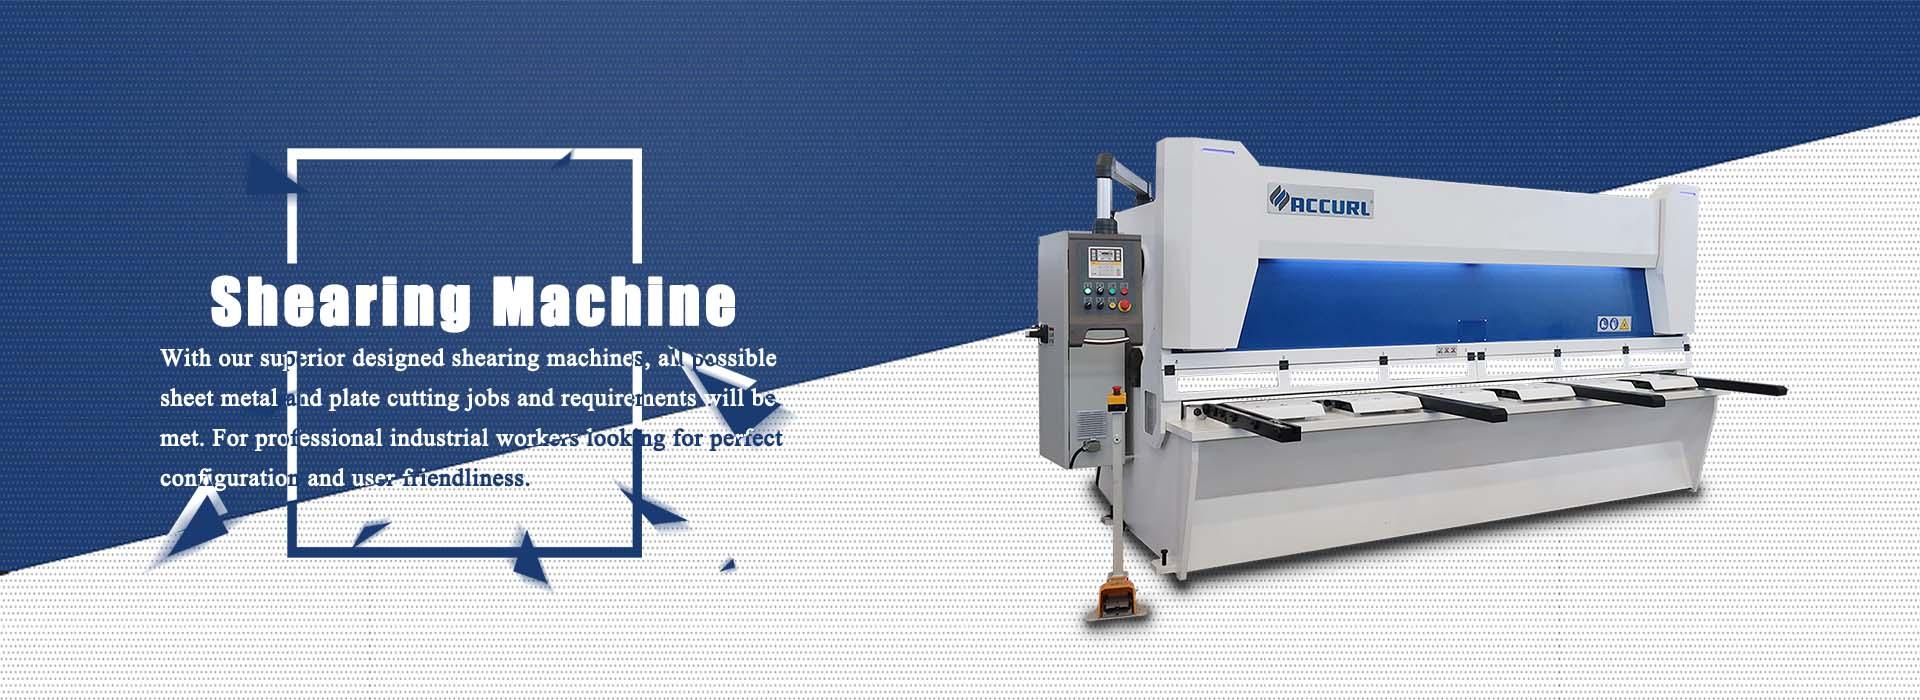 Ścinanie Banner Machine